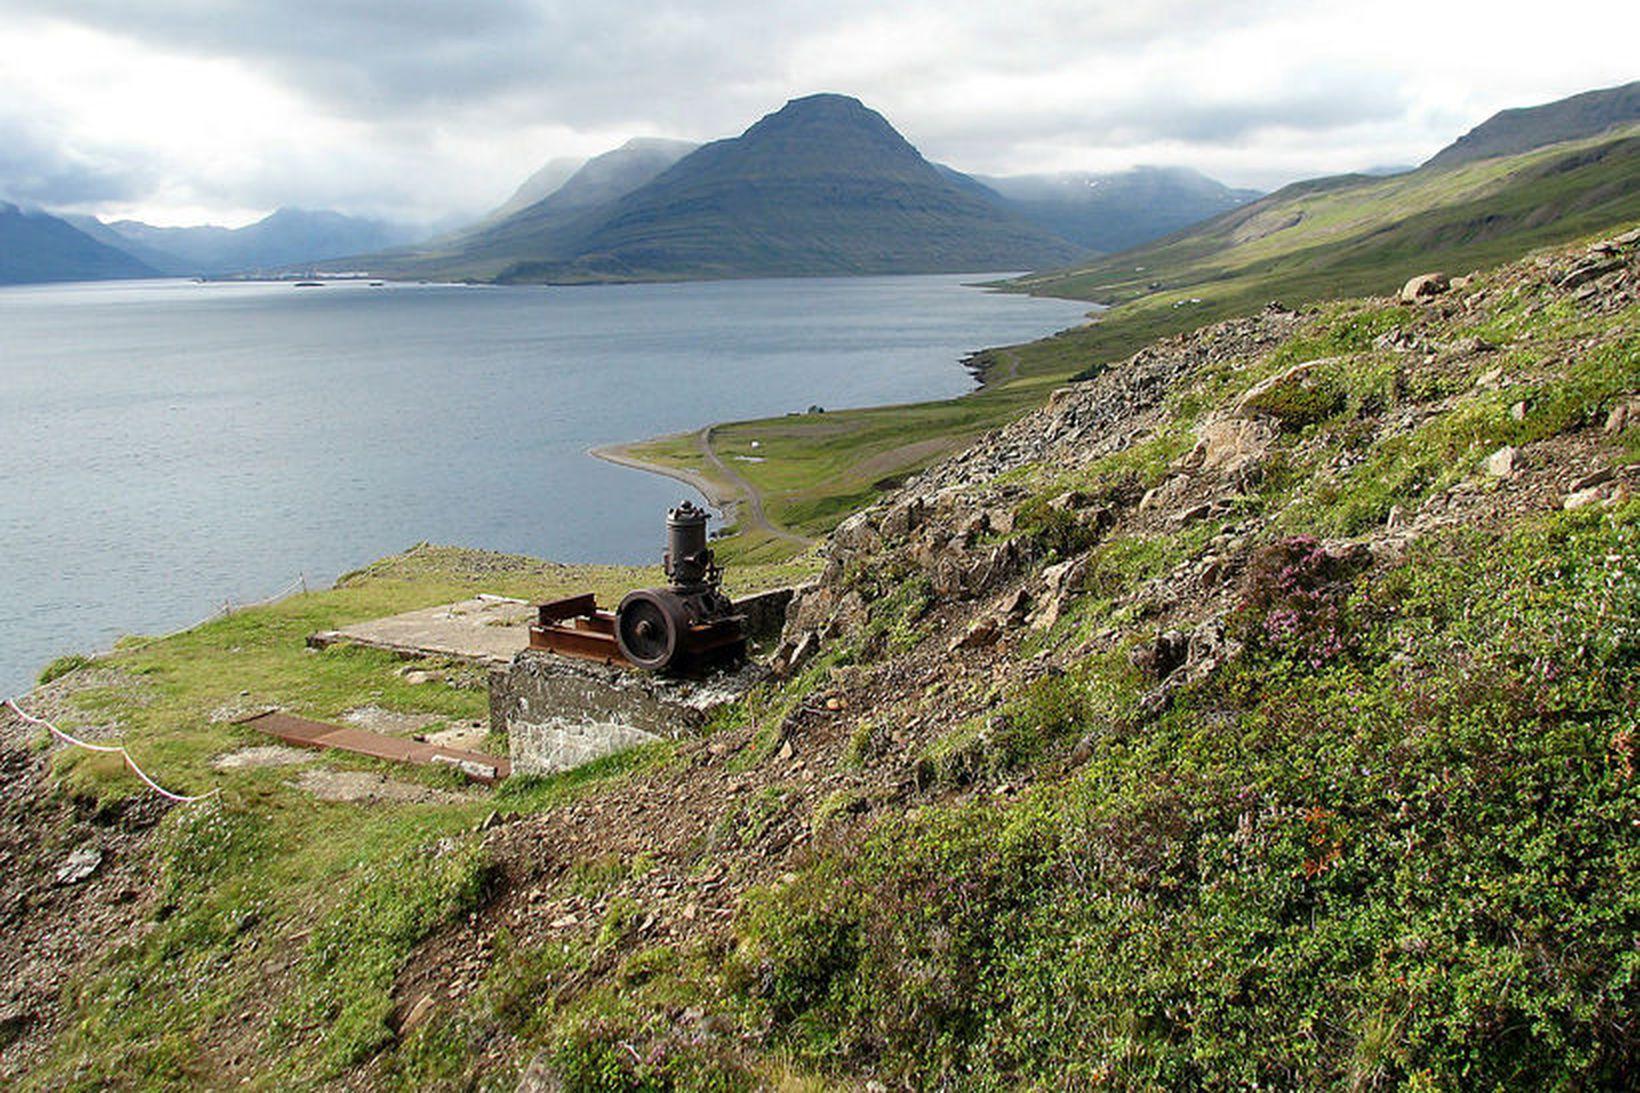 Maðurinn hafði verið í sjálfheldu á klettasyllu í fjallinu.